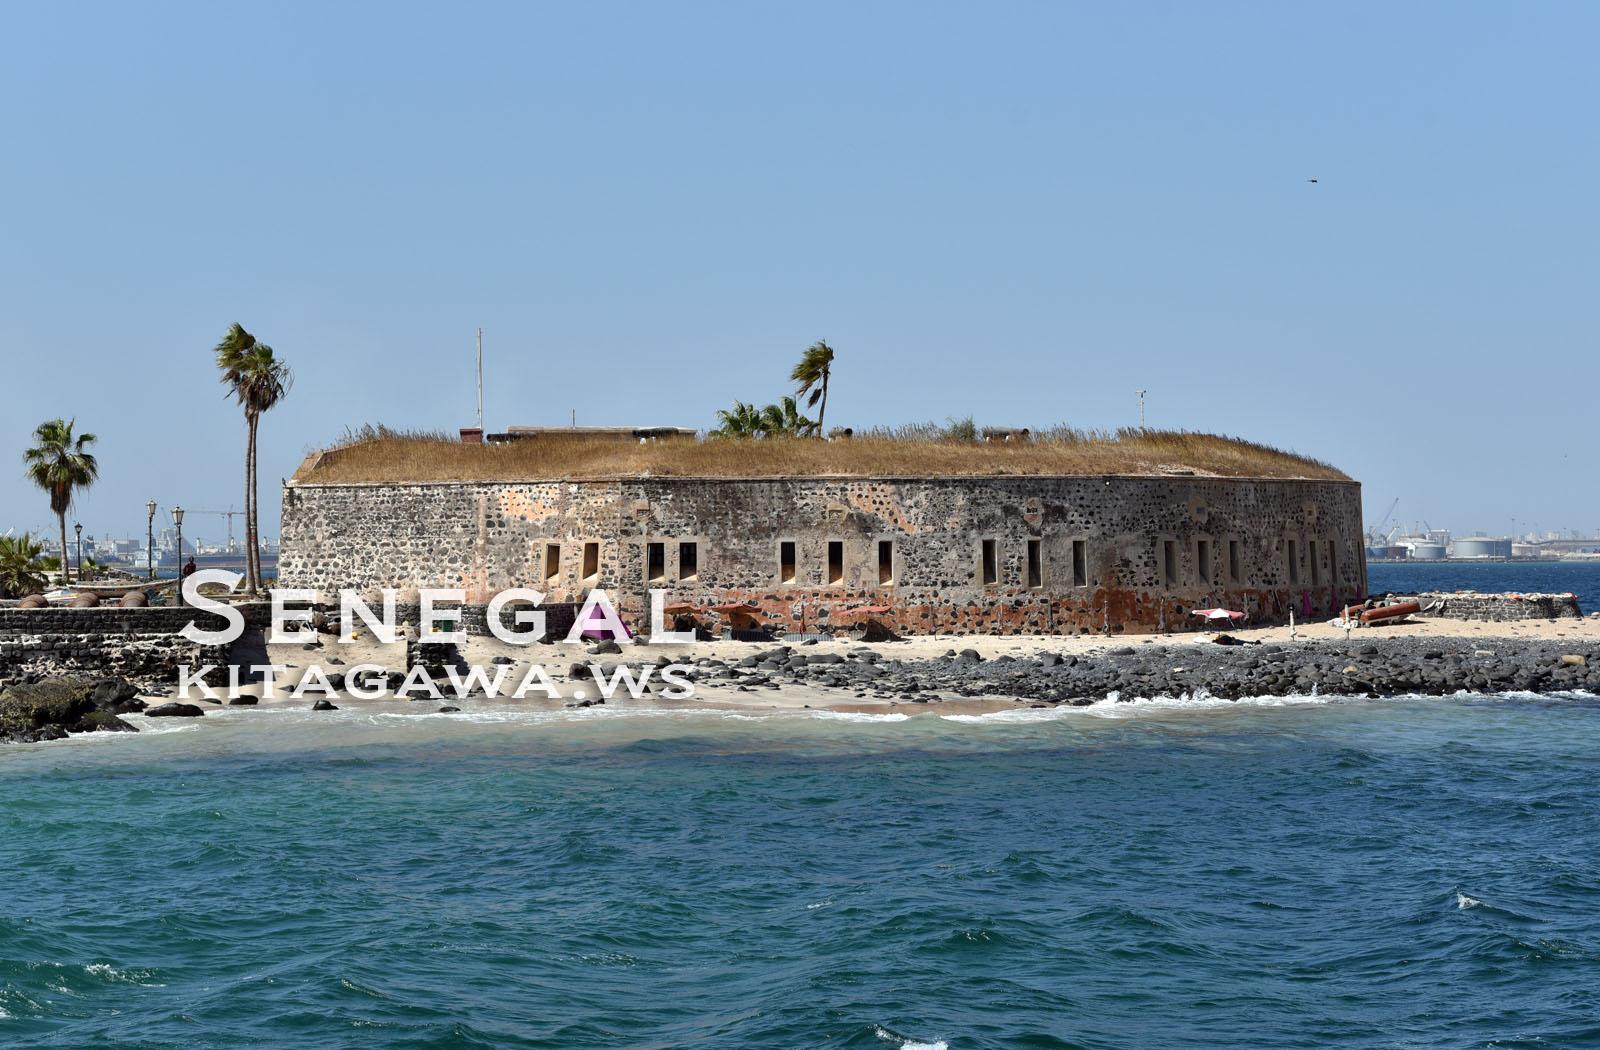 ゴレ島 Fort d'Estrées セネガル歴史博物館